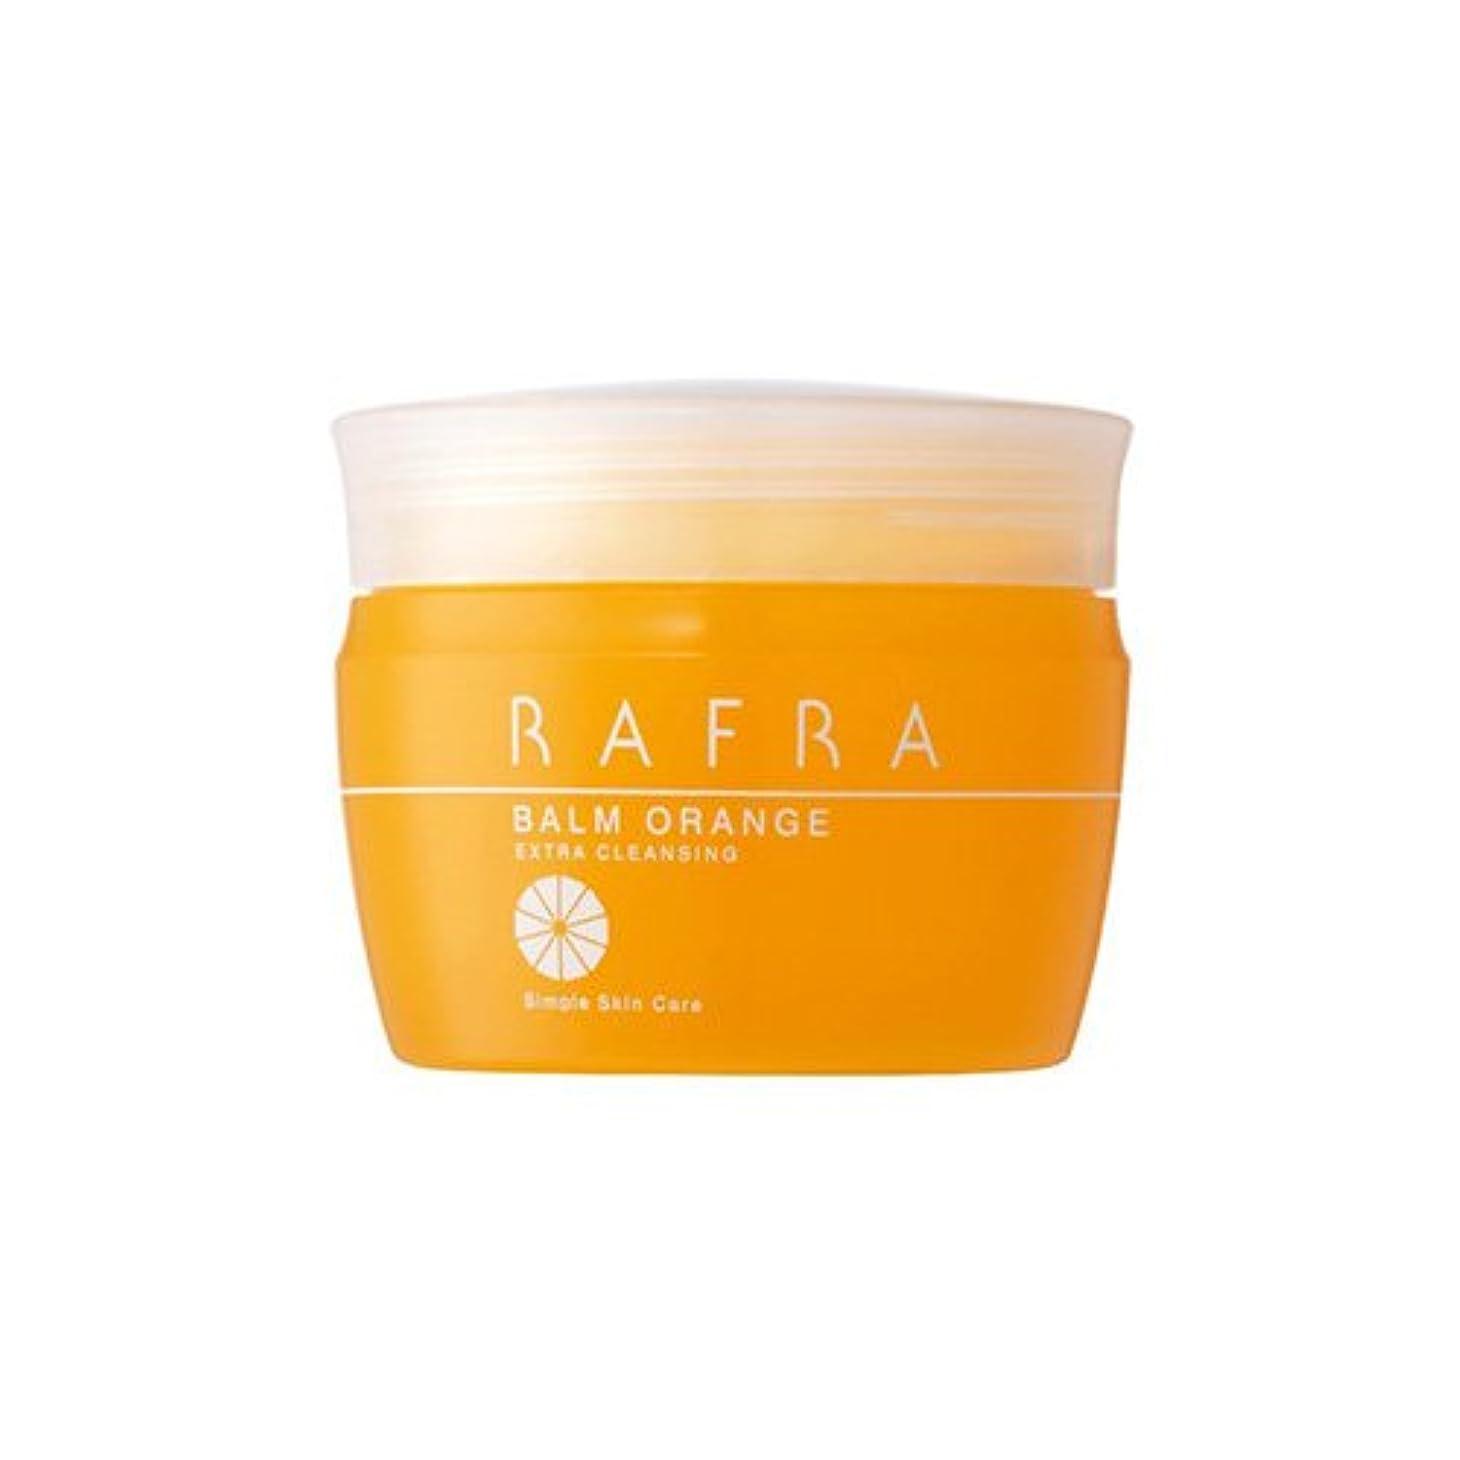 枯渇するパウダー定規レノアジャパン RAFRA(ラフラ) バームオレンジ 100g